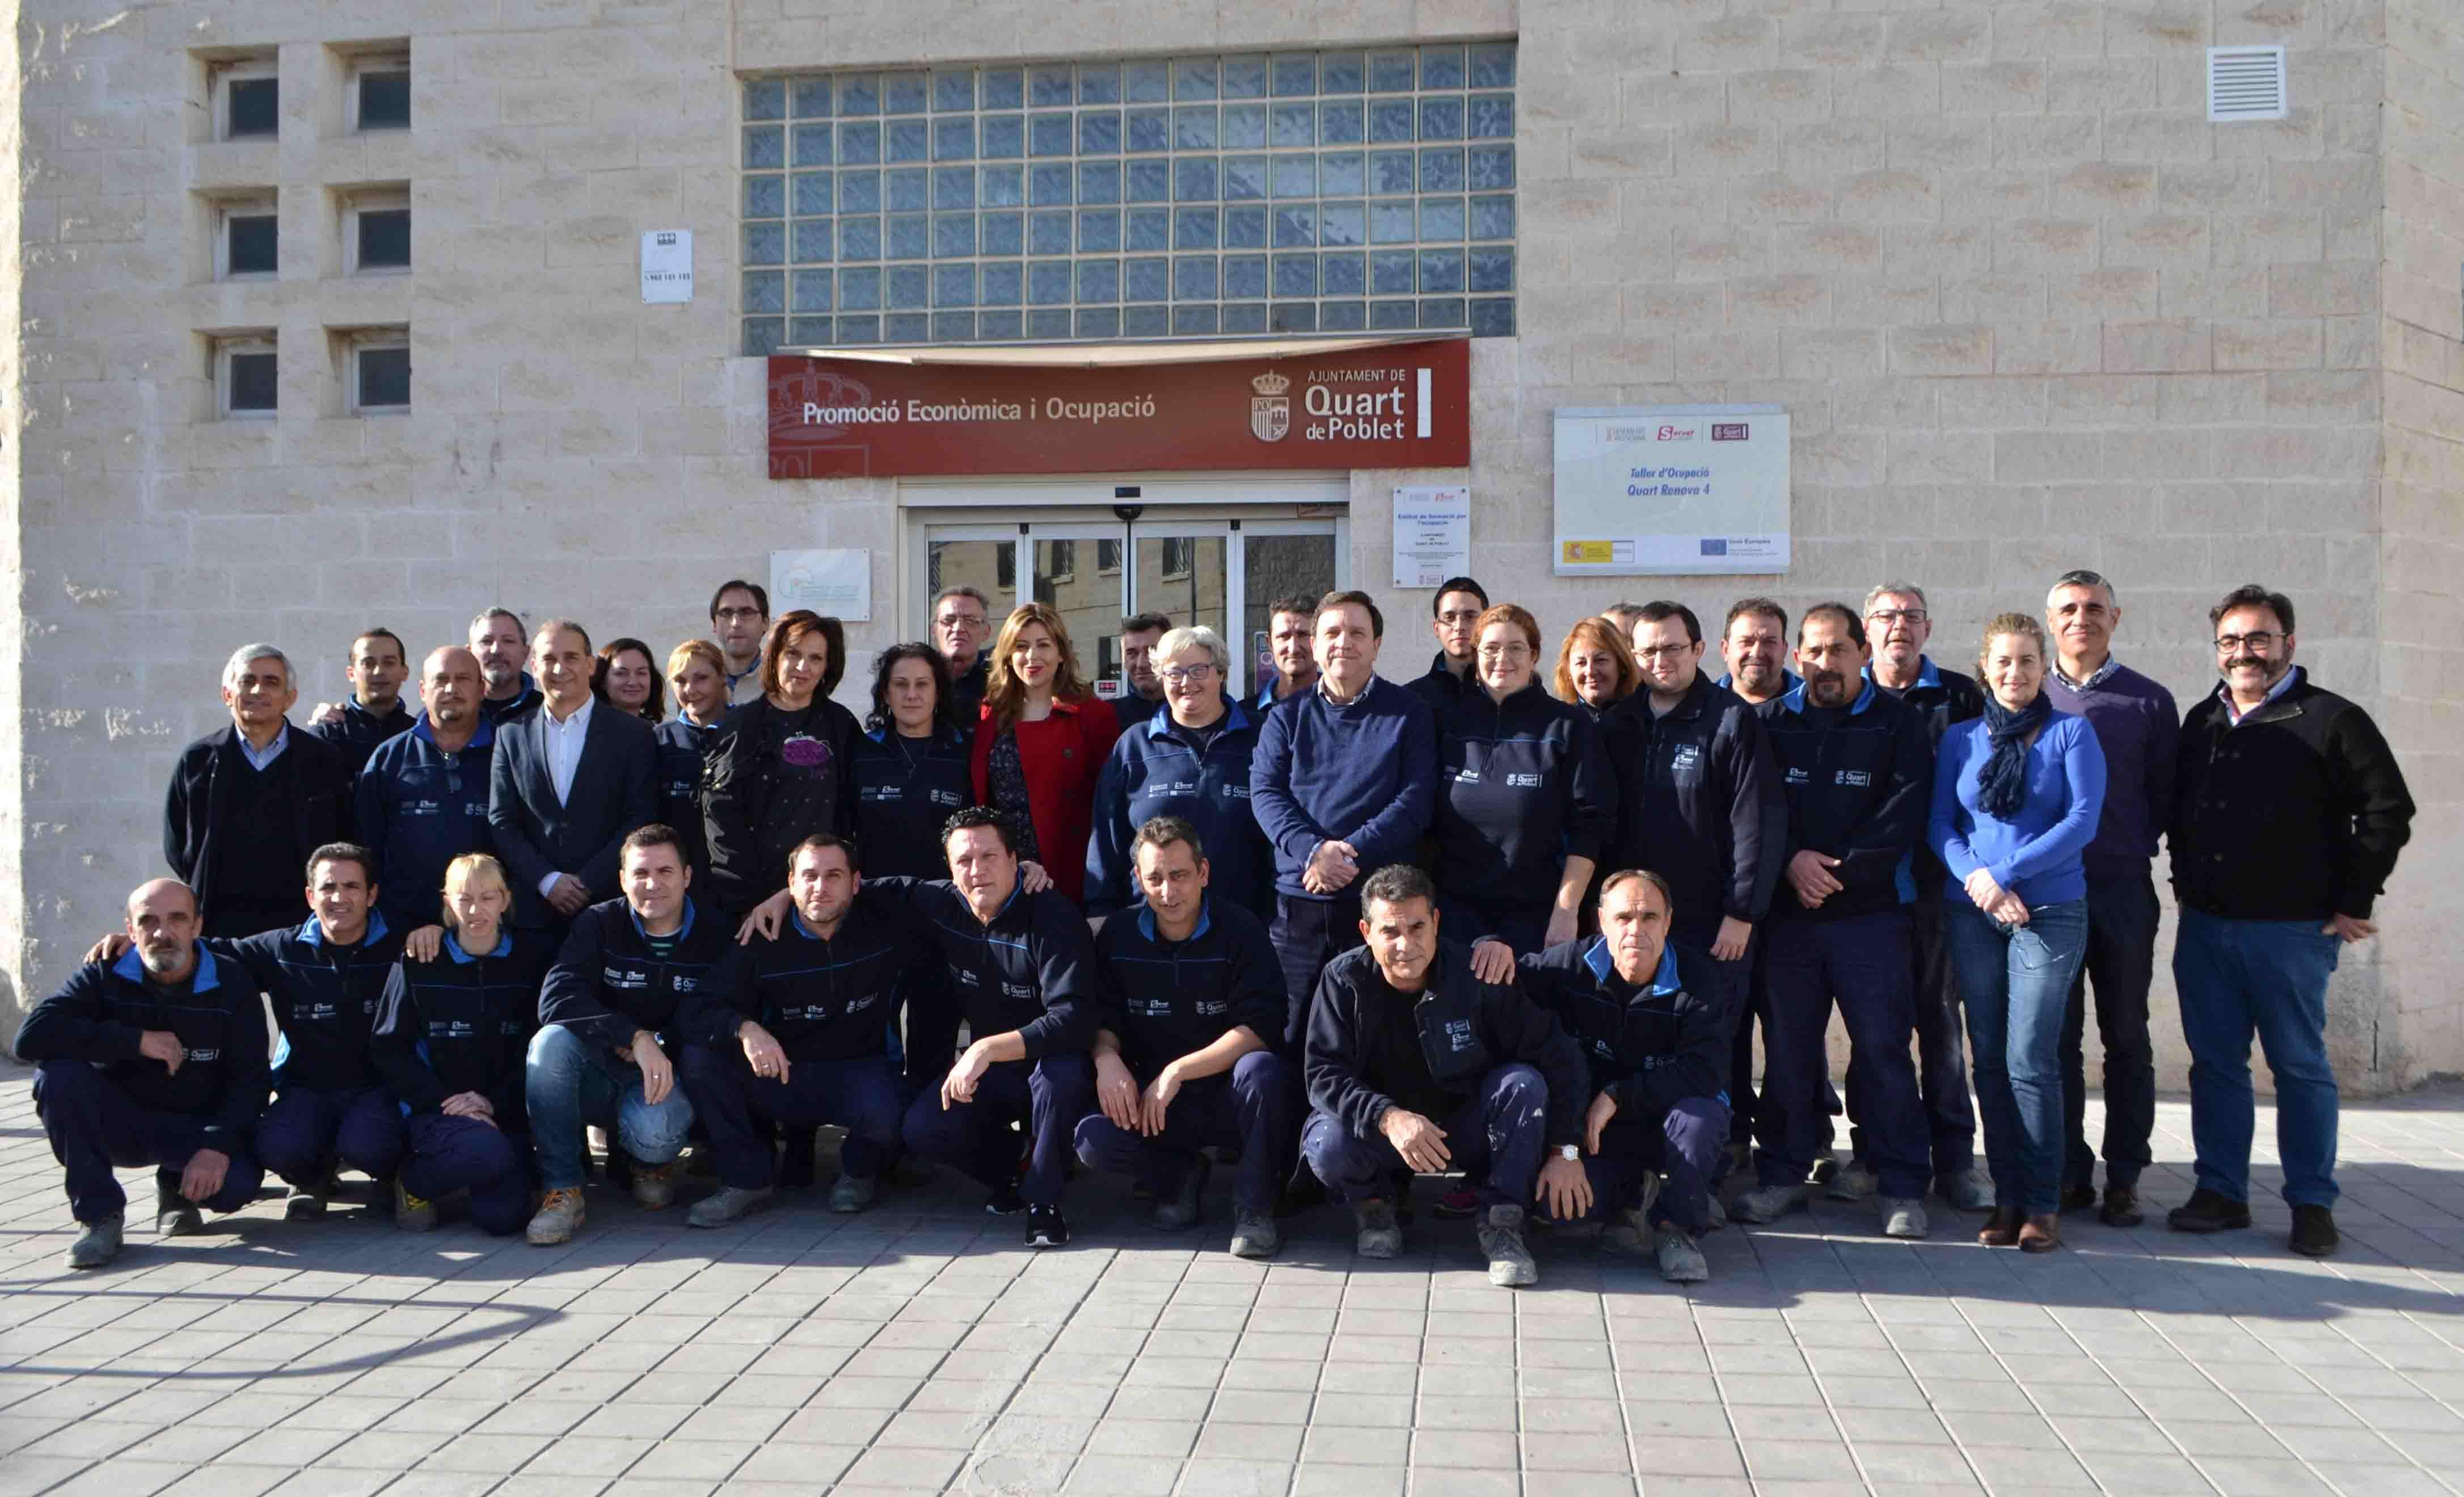 En marcha el taller de empleo Quart Renova que ofrece formación remunerada a 24 desempleados del municipio